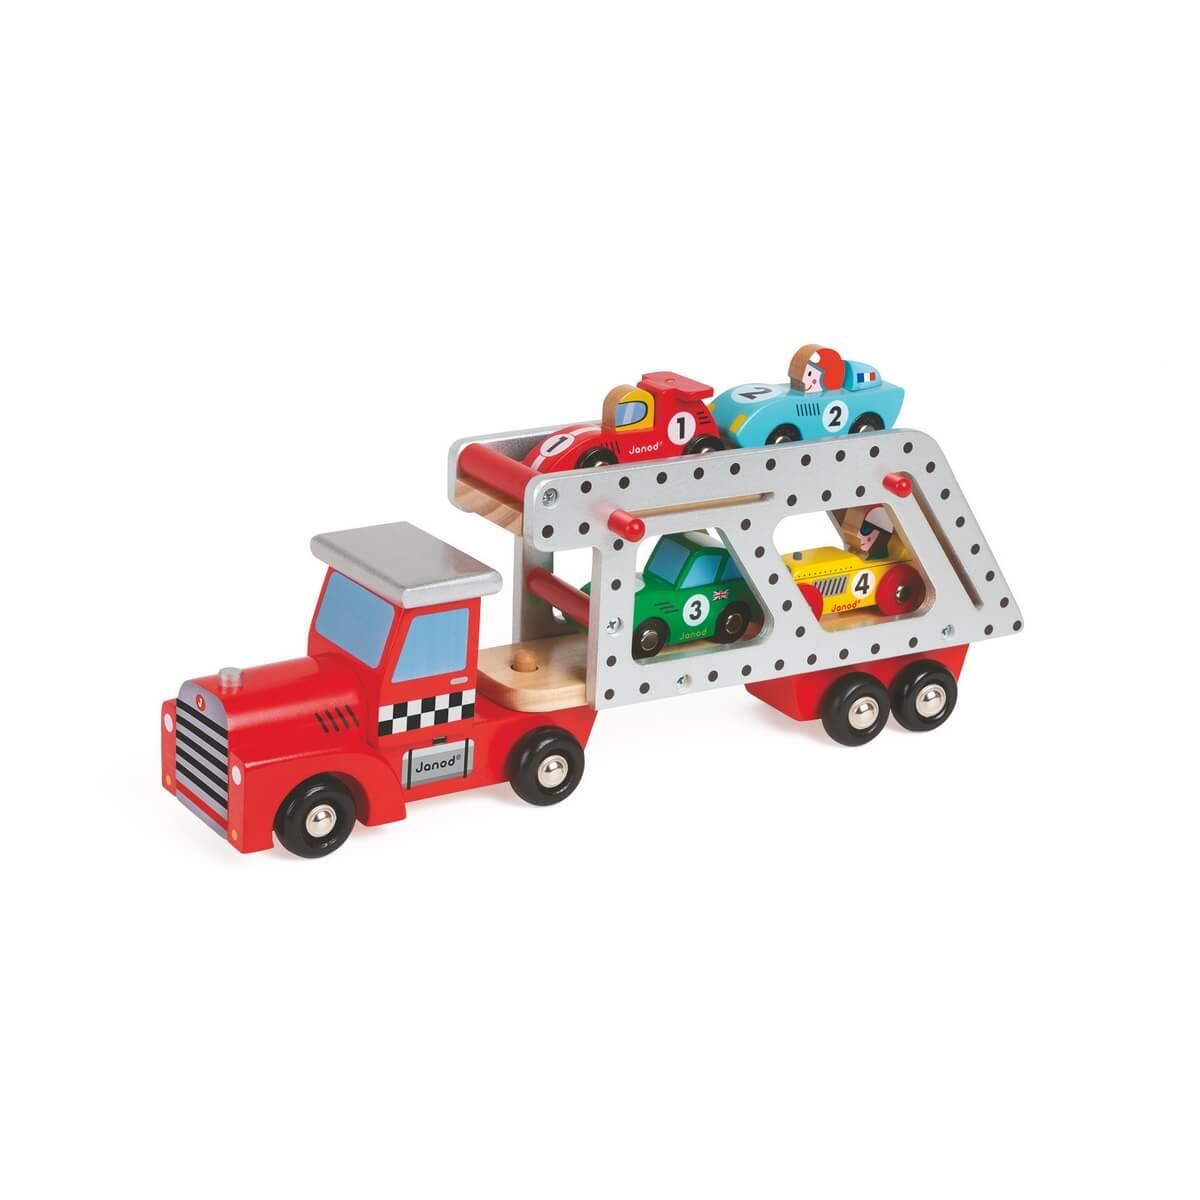 Janod Автовоз с 4 гоночными машинкамиJ08572Красочный автовоз с 4 гоночными машинками станет любимой игрушкой вашего малыша! Двухуровневый автовоз очень легко разбирается, а гоночные машинки порадуют ребенка своим многообразием! Красная машинка - представительница Королевских гонок Formula-1, голубая машинка - раллийная гоночная , зеленая - классическая легковая машинка, желтая - стильный ретро-автомобиль. Материал - дерево.